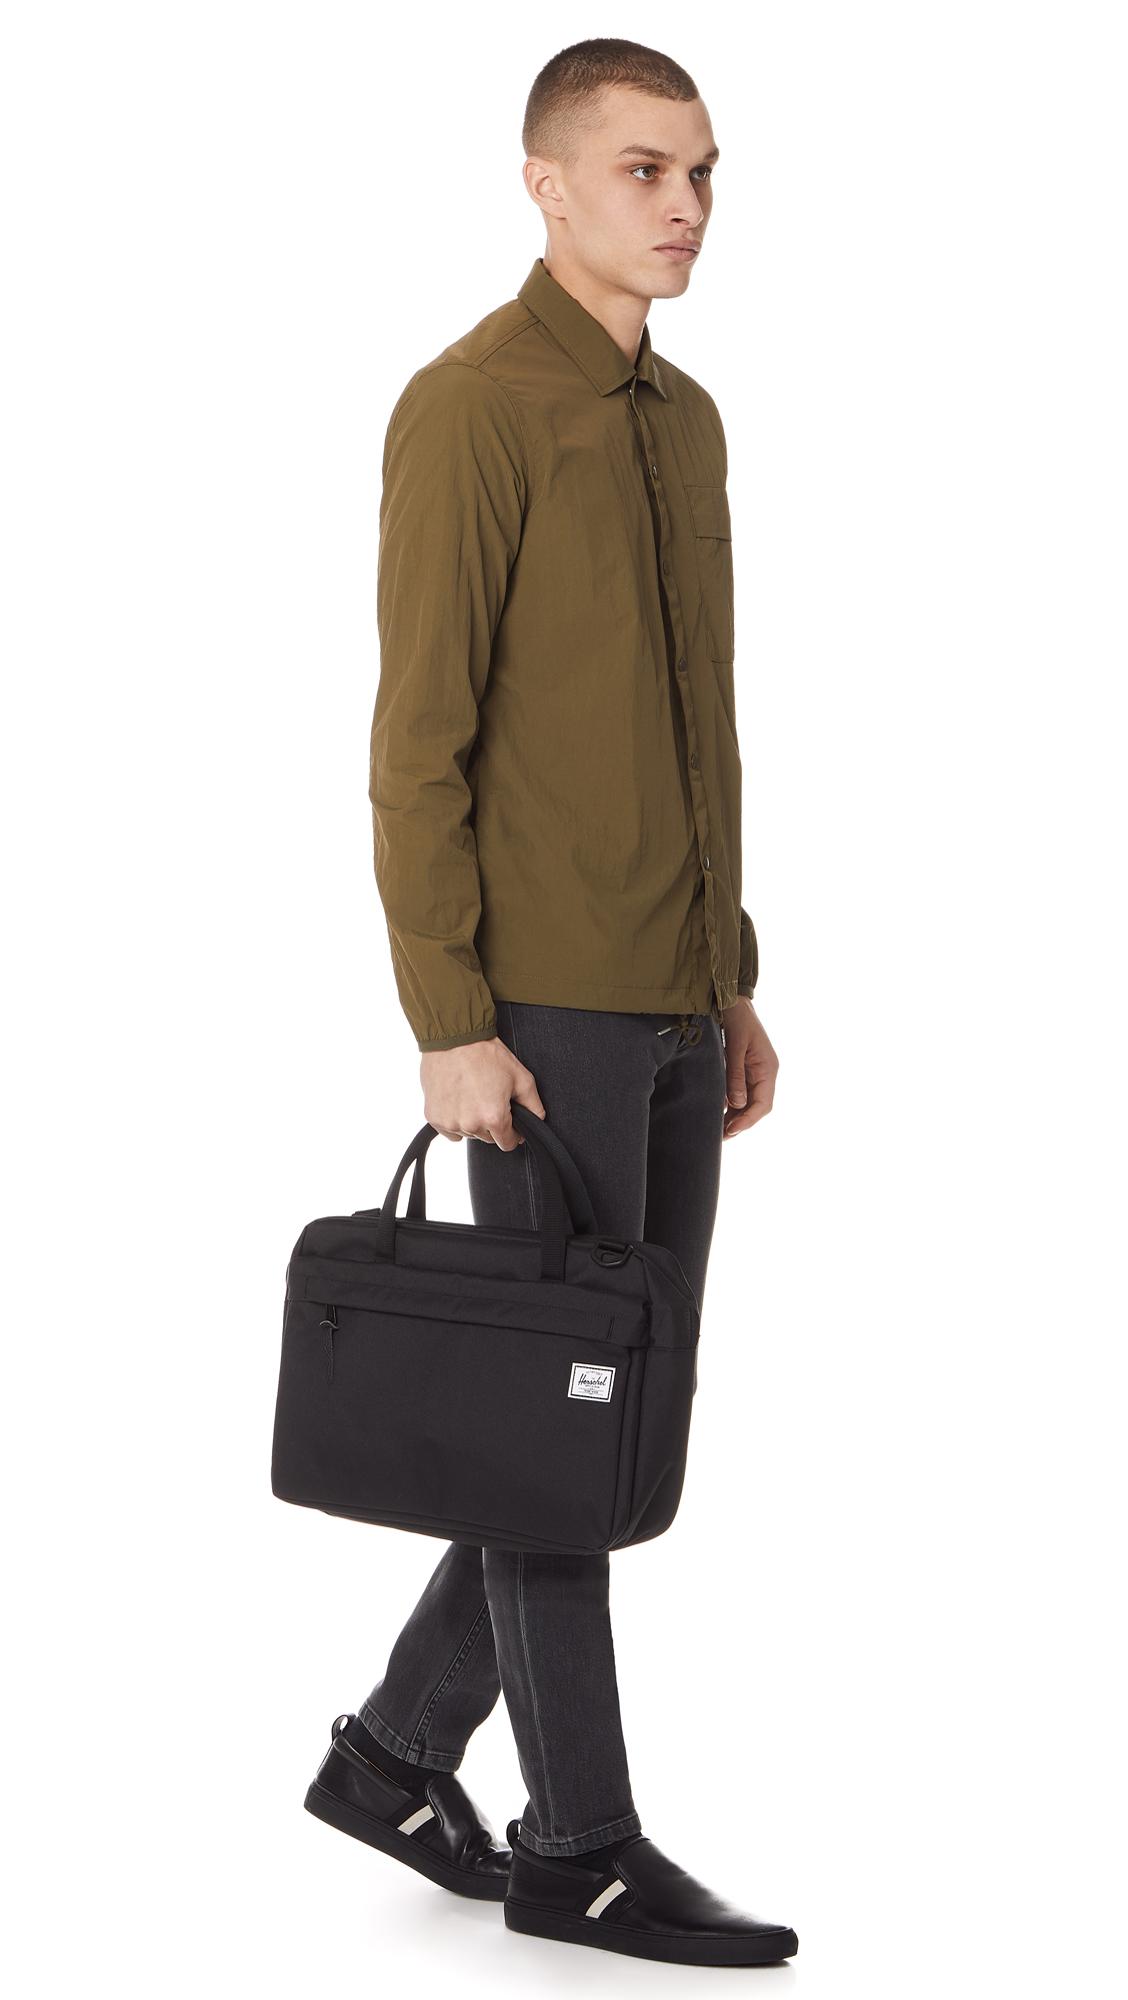 d286e2ca08 Herschel Supply Co. Gibson Messenger Bag